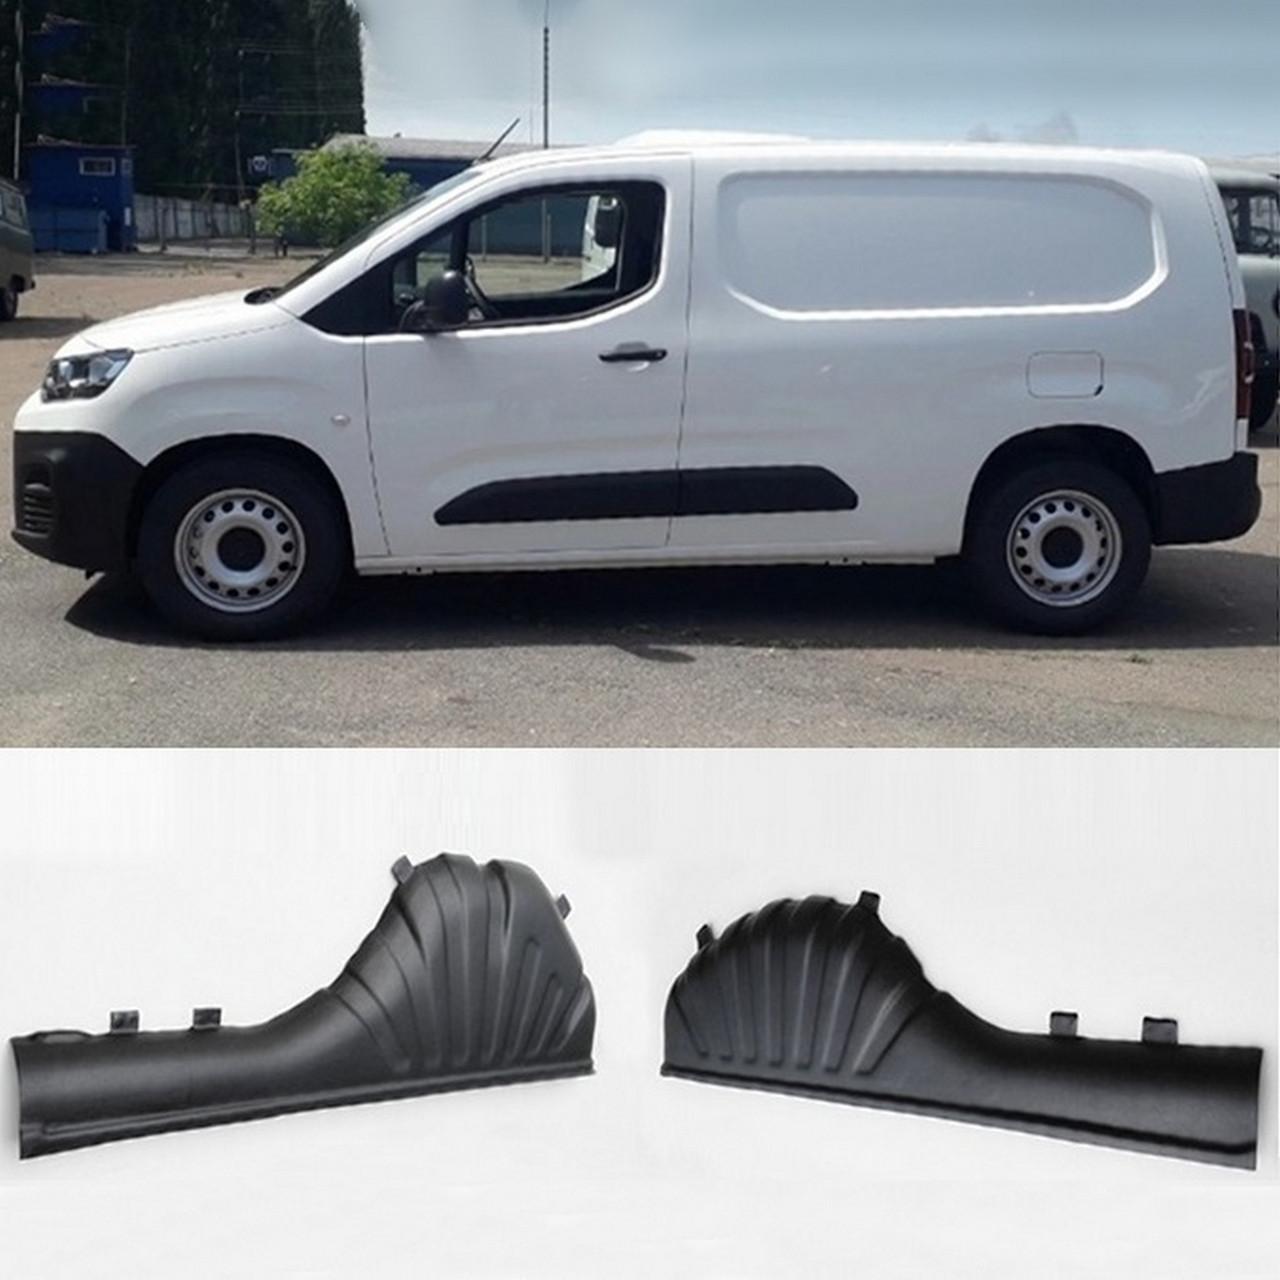 Пластиковые защитные накладки на внутренние колесные арки для Citroen Berlingo III 2018+